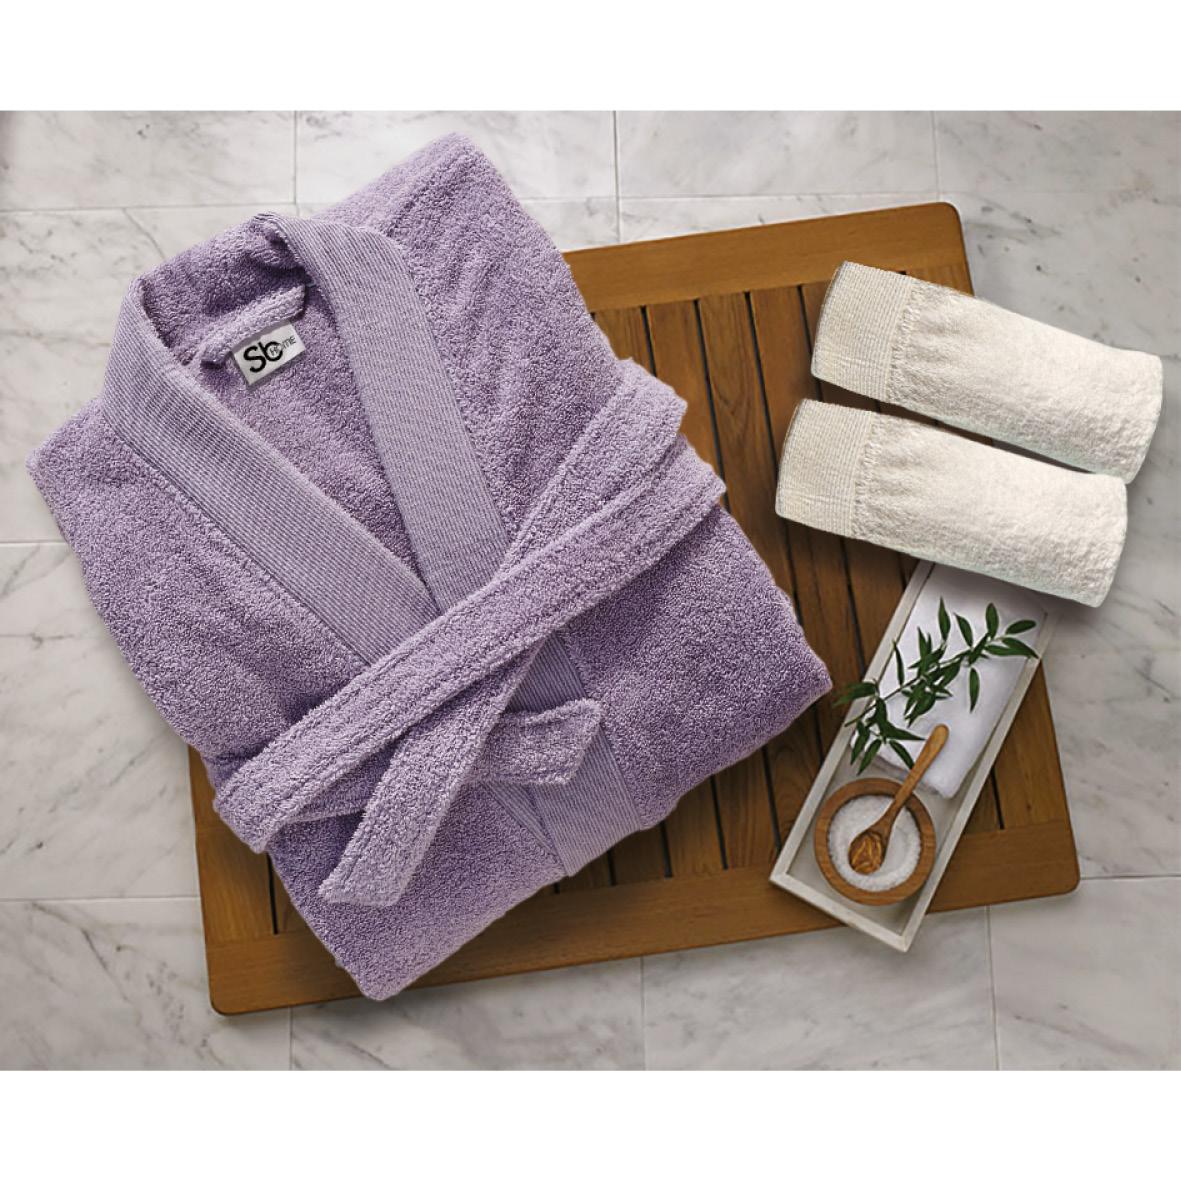 Μπουρνούζι Με Γιακά Βαμβακερό Extra Large Elegante Lilac Sb home (Ύφασμα: Βαμβάκι 100%) – Sb home – 5206864061187